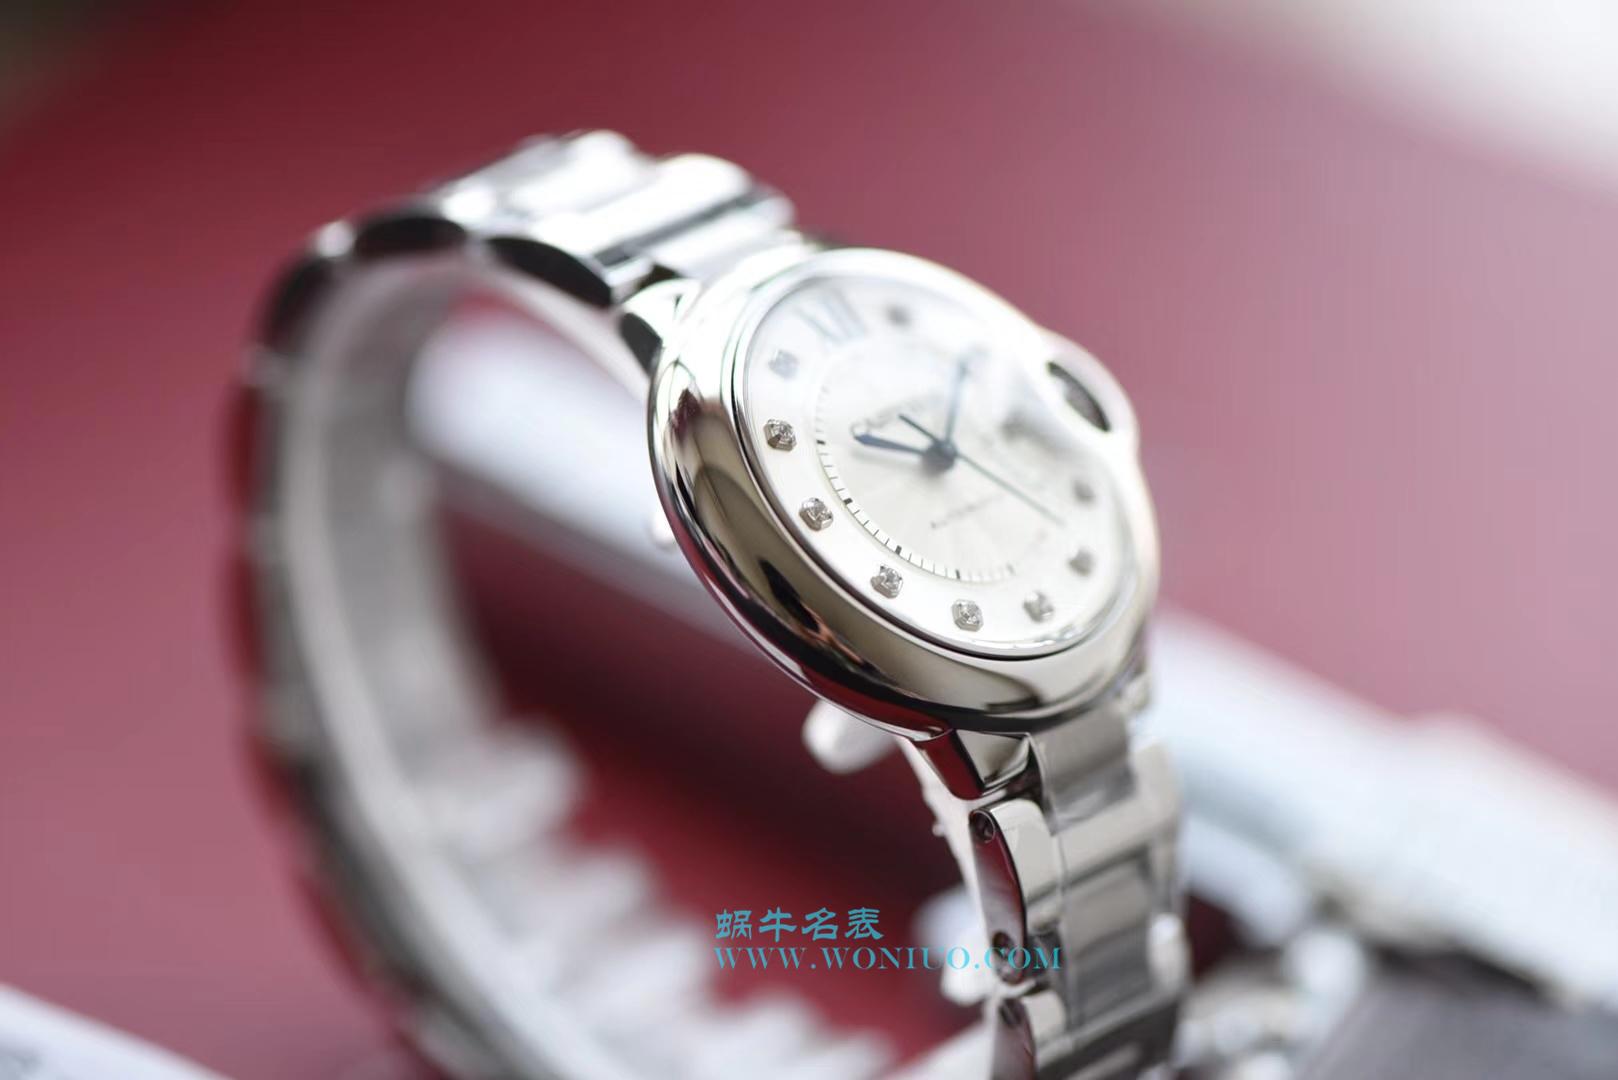 【V6一比一超A高仿手表】卡地亚蓝气球系列WE902074女装33毫米机械腕表 / K149